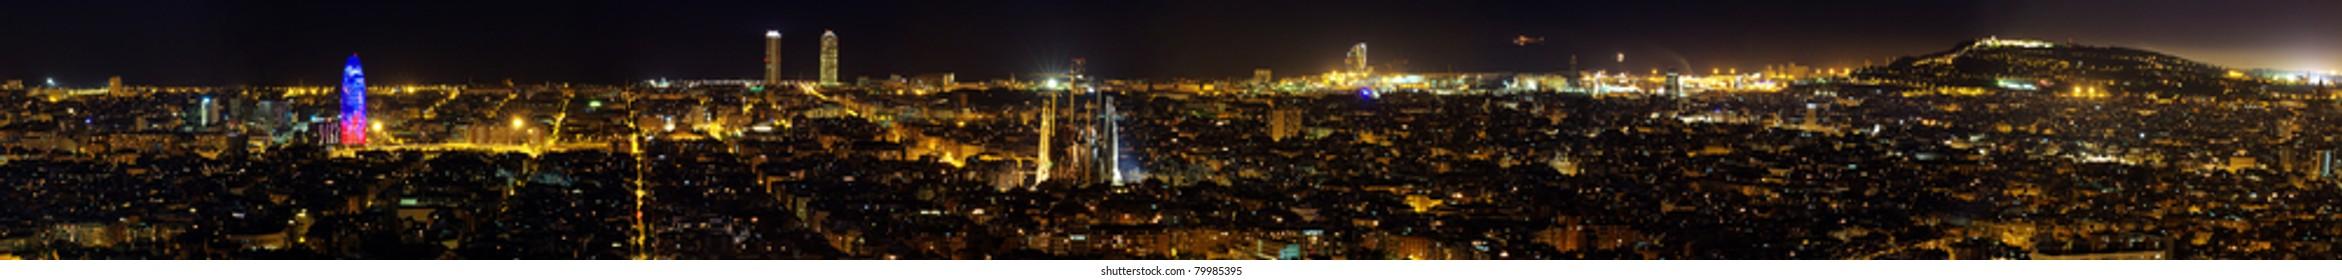 Panoramica Barcelona Noche